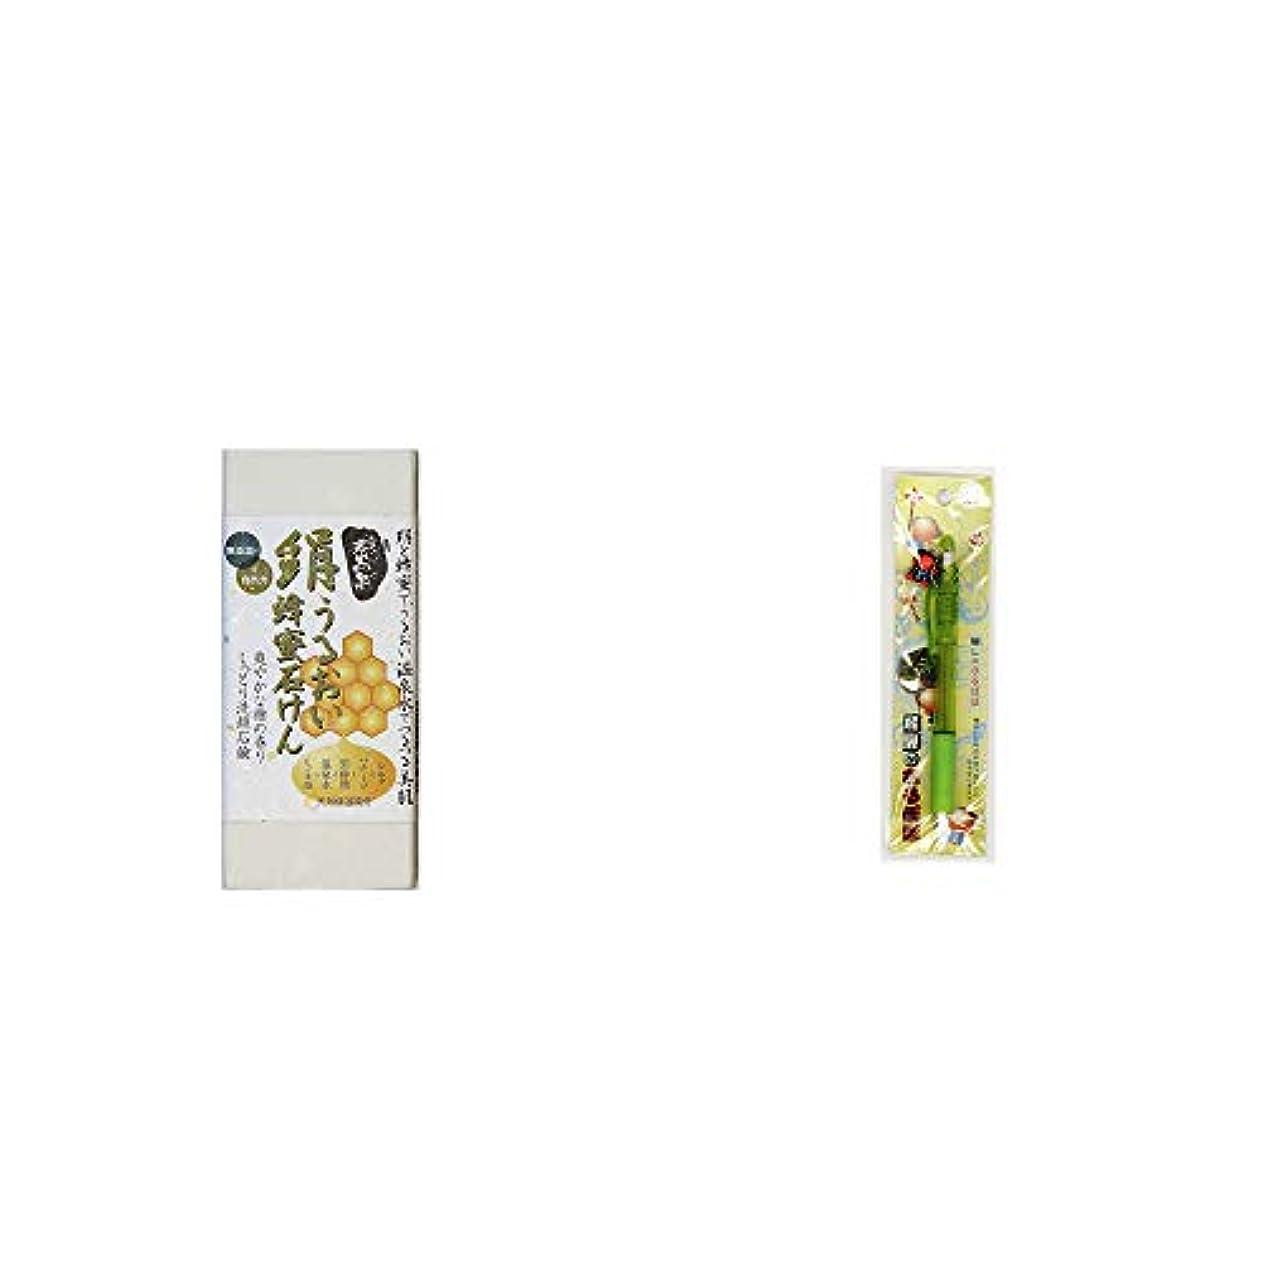 専門用語コンプライアンス専門知識[2点セット] ひのき炭黒泉 絹うるおい蜂蜜石けん(75g×2)?さるぼぼ 癒しシャープペン 【グリーン】